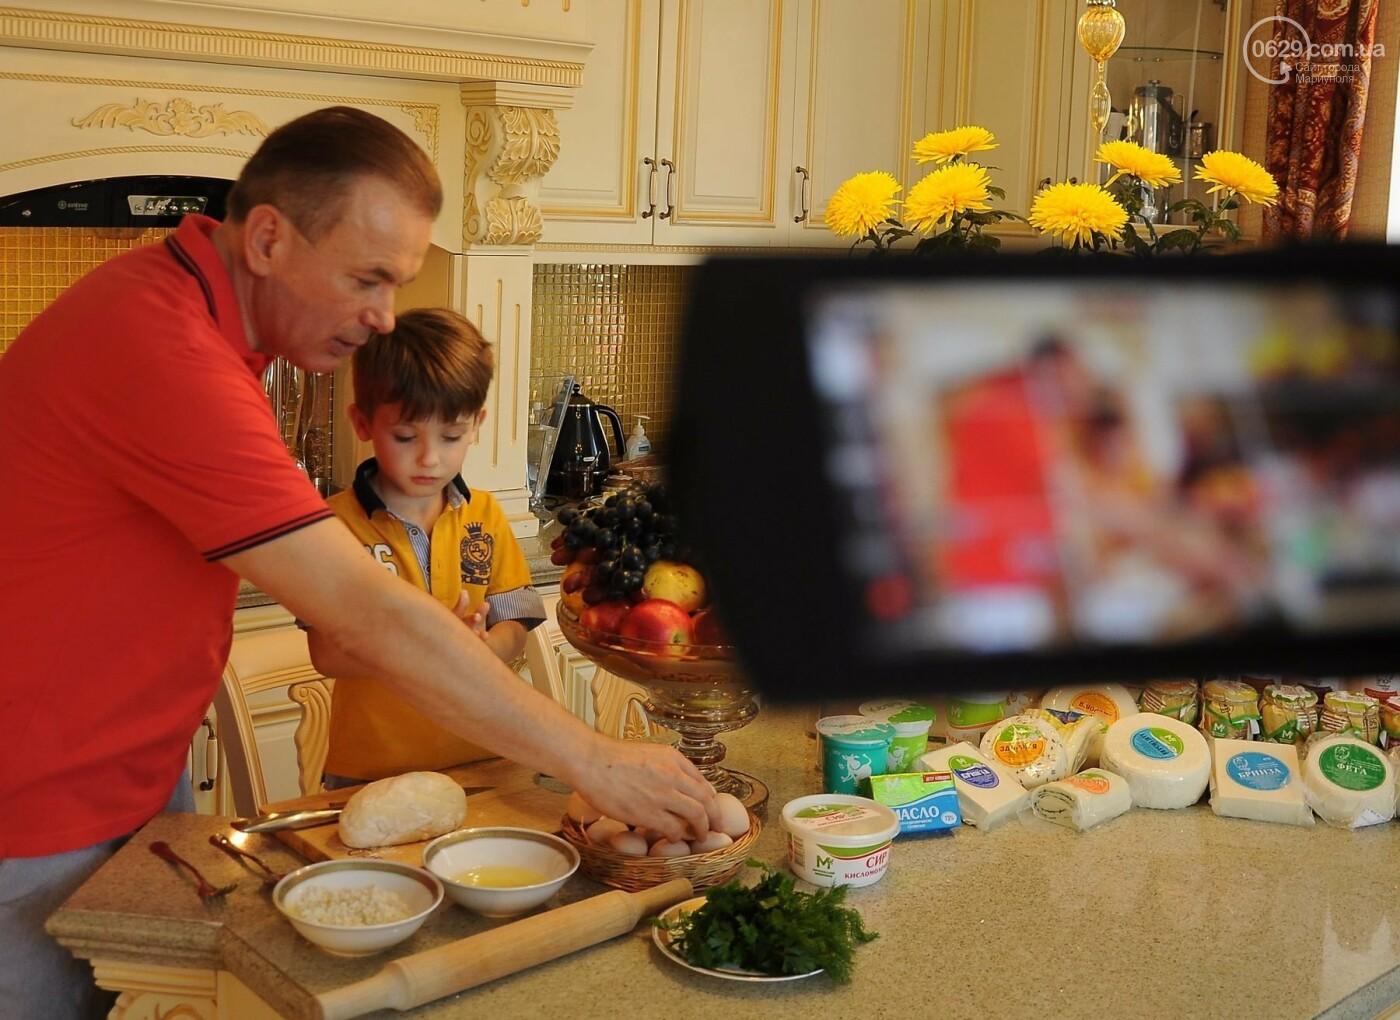 Ко Дню пищевика Мариупольский молокозавод дарит 1000 гривен  , фото-2